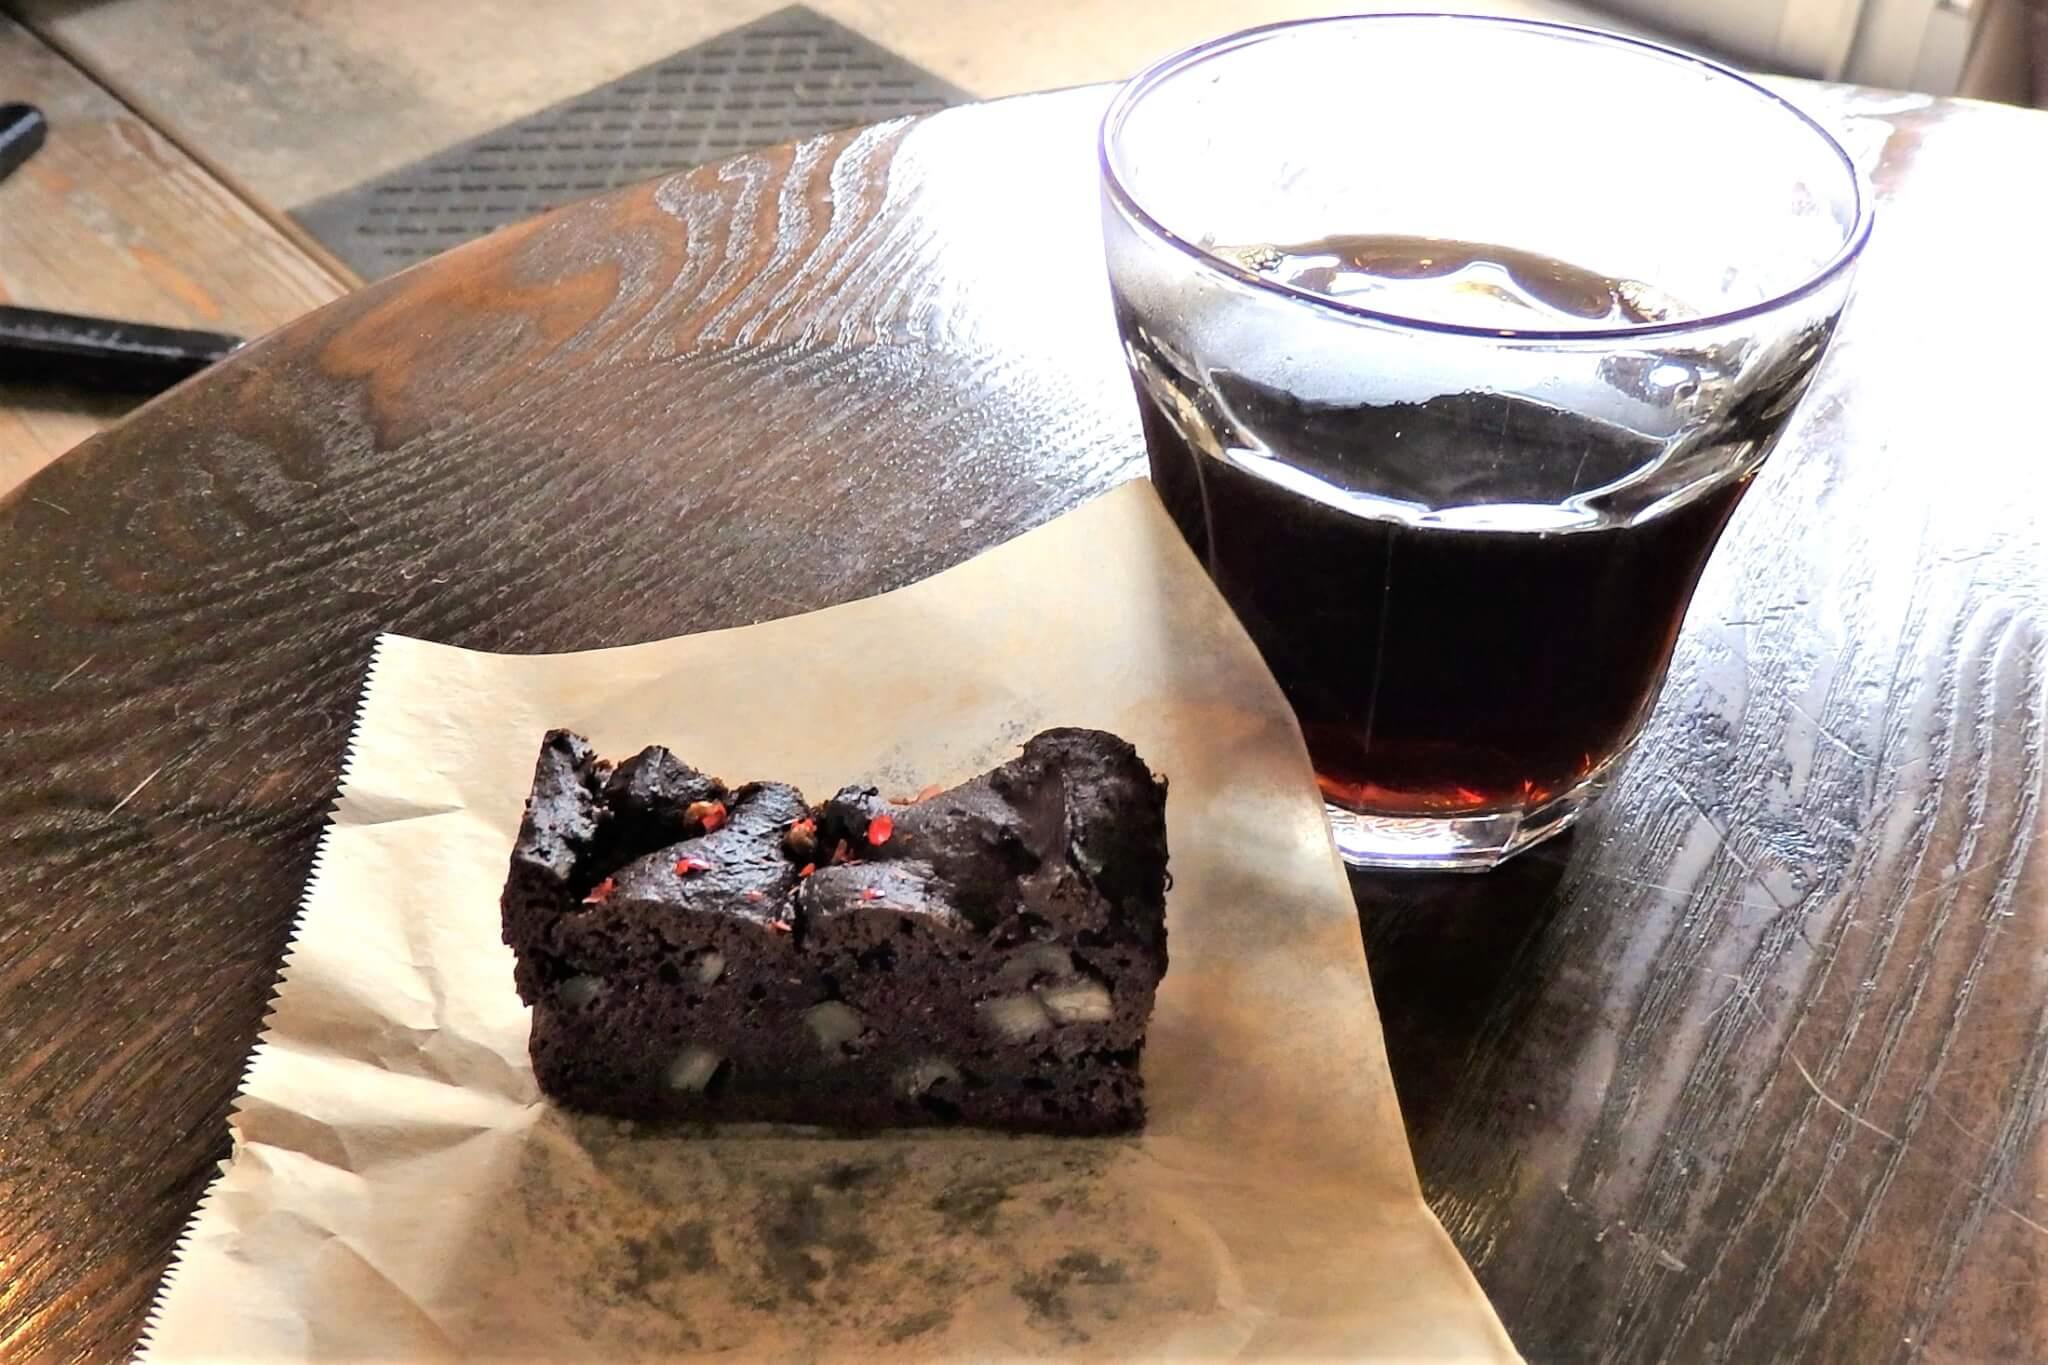 フェアトレードのコーヒーとカフェスローお手製の「ごぼうのショコラケーキ」